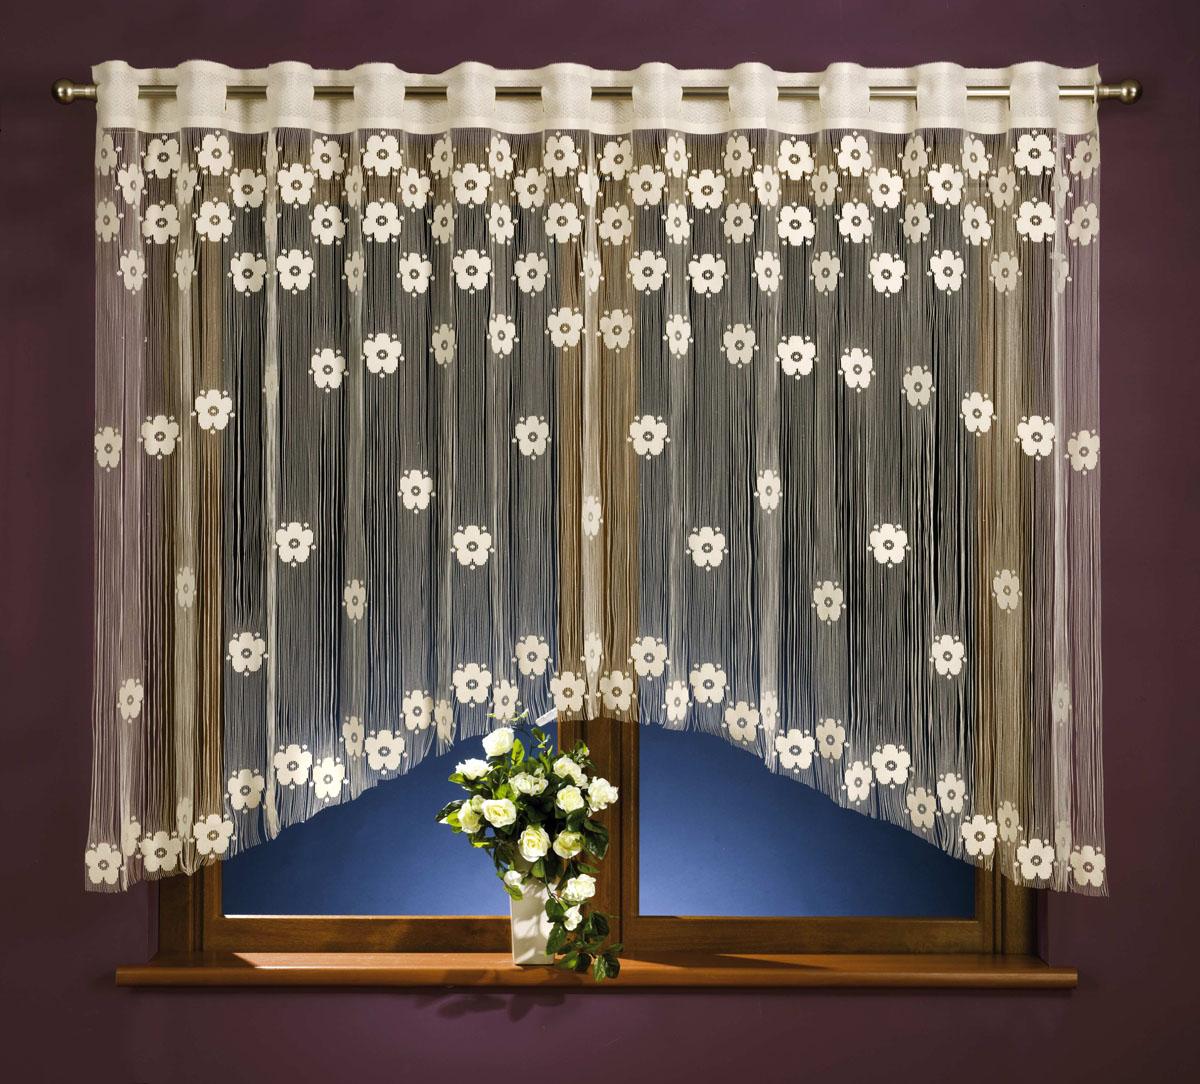 Гардина-лапша Maja, на петлях, цвет: голубой, высота 160 см677580Гардина-лапша Maja, изготовленная из полиэстера голубого цвета, станет великолепным украшением окна, дверного проема и прекрасно послужит для разграничения пространства. Необычный дизайн и яркое оформление привлечет к себе внимание и органично впишется в интерьер помещения. Гардина-лапша оснащена петлями для крепления на круглый карниз. Характеристики: Материал: 100% полиэстер. Цвет: голубой. Размер упаковки: 26 см х 37 см х 4 см. Артикул: 677580. В комплект входит: Гардина-лапша - 1 шт. Размер (ШхВ): 270 см х 160 см. Фирма Wisan на польском рынке существует уже более пятидесяти лет и является одной из лучших польских фабрик по производству штор и тканей. Ассортимент фирмы представлен готовыми комплектами штор для гостиной, детской, кухни, а также текстилем для кухни (скатерти, салфетки, дорожки, кухонные занавески). Модельный ряд отличает оригинальный дизайн, высокое качество. Ассортимент продукции постоянно пополняется. ...